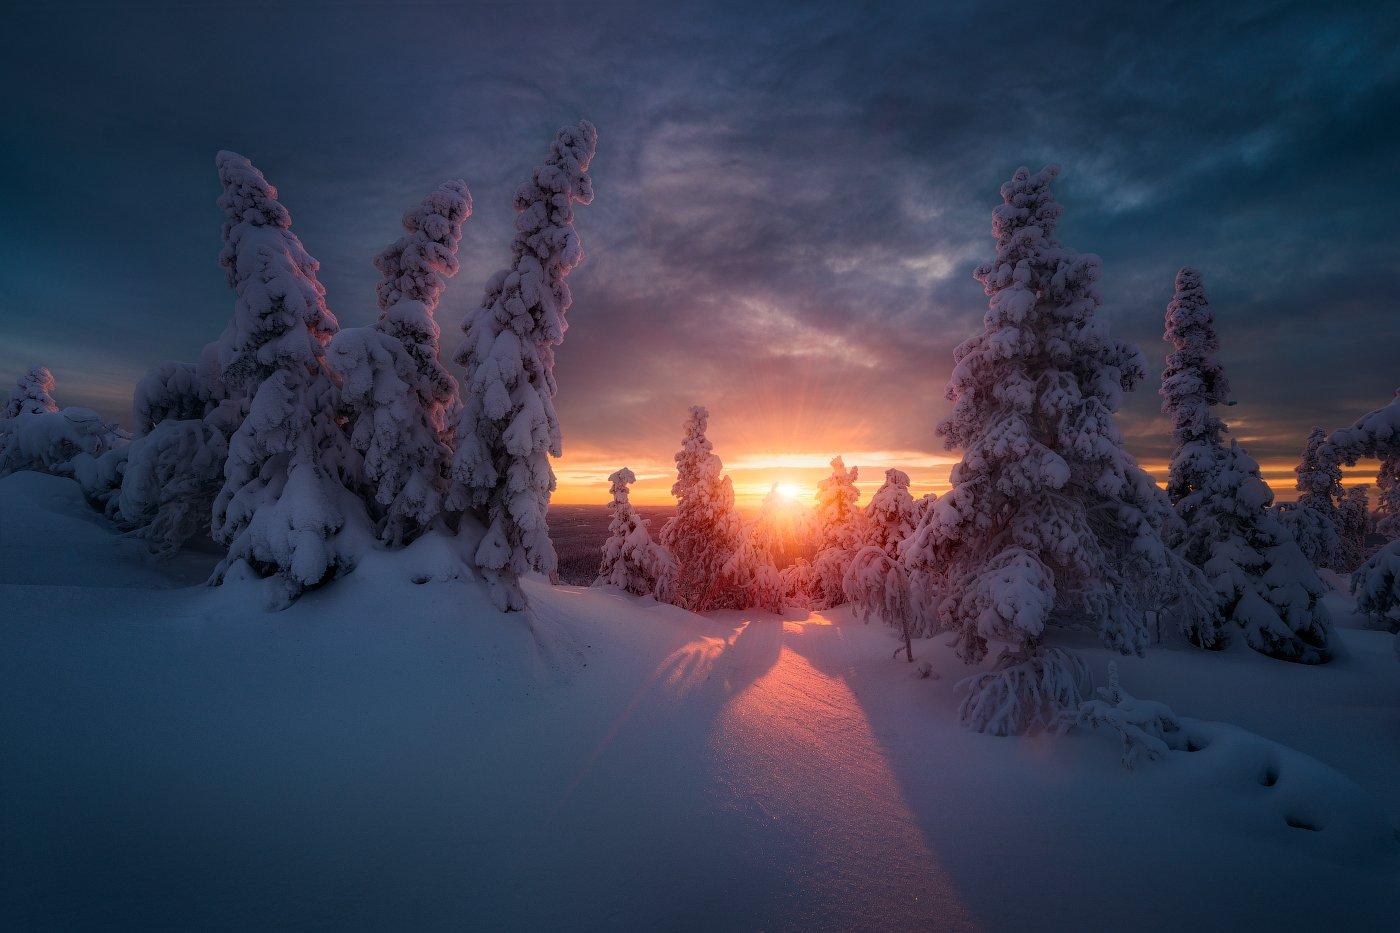 зима, снег, закат, ёлки, Cтанислав Малых